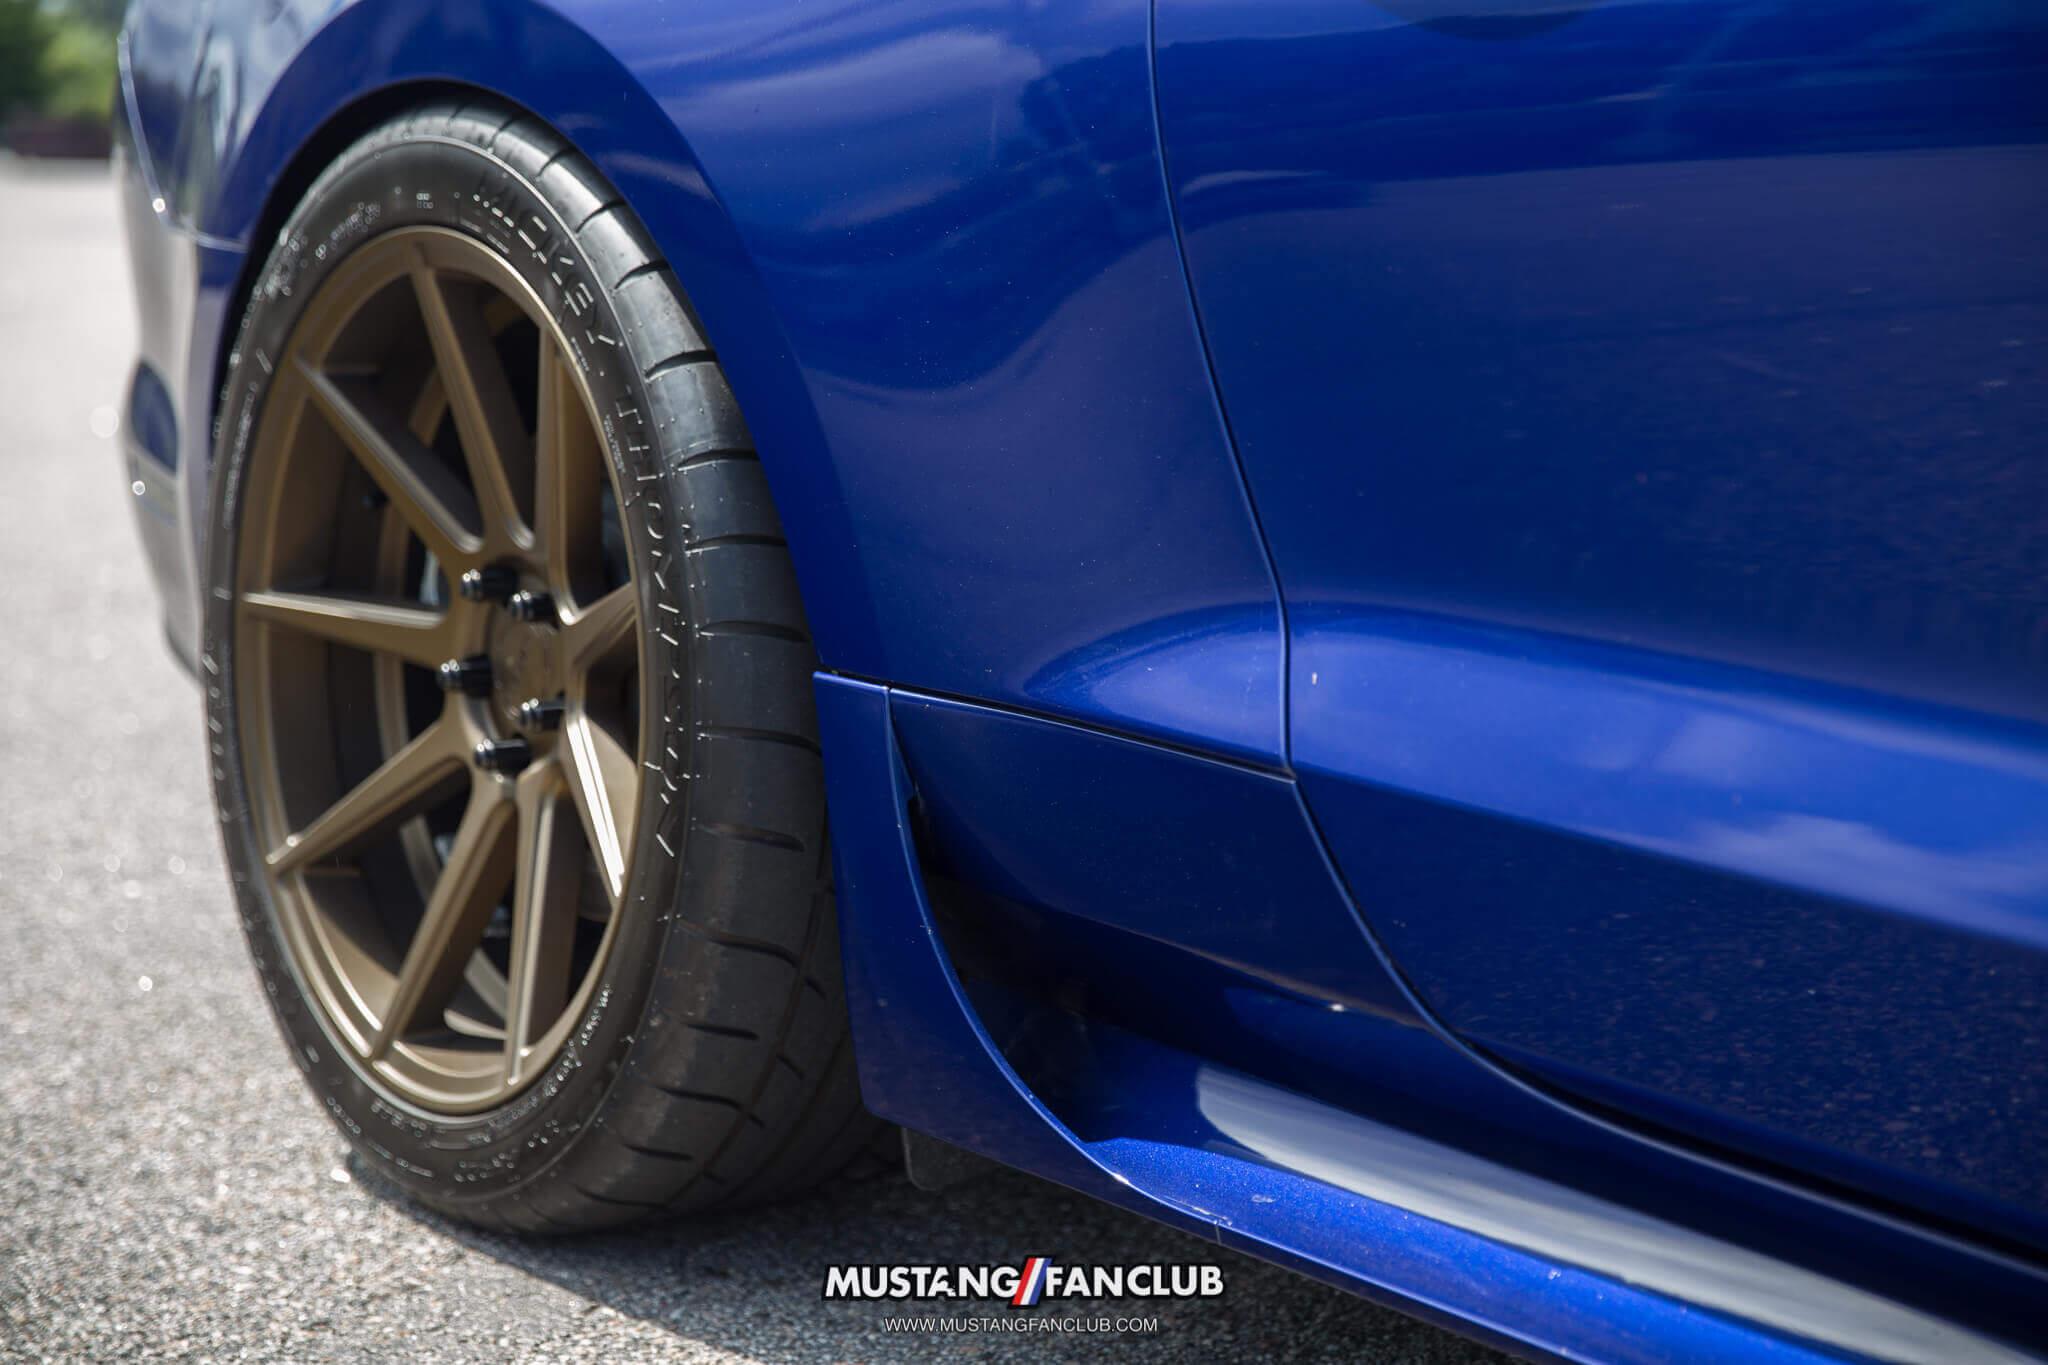 deep impact blue s550 mustang fan club roush performance front fascia camo wrap upr products steve gelles mustang week 2016 16' velgen wheels